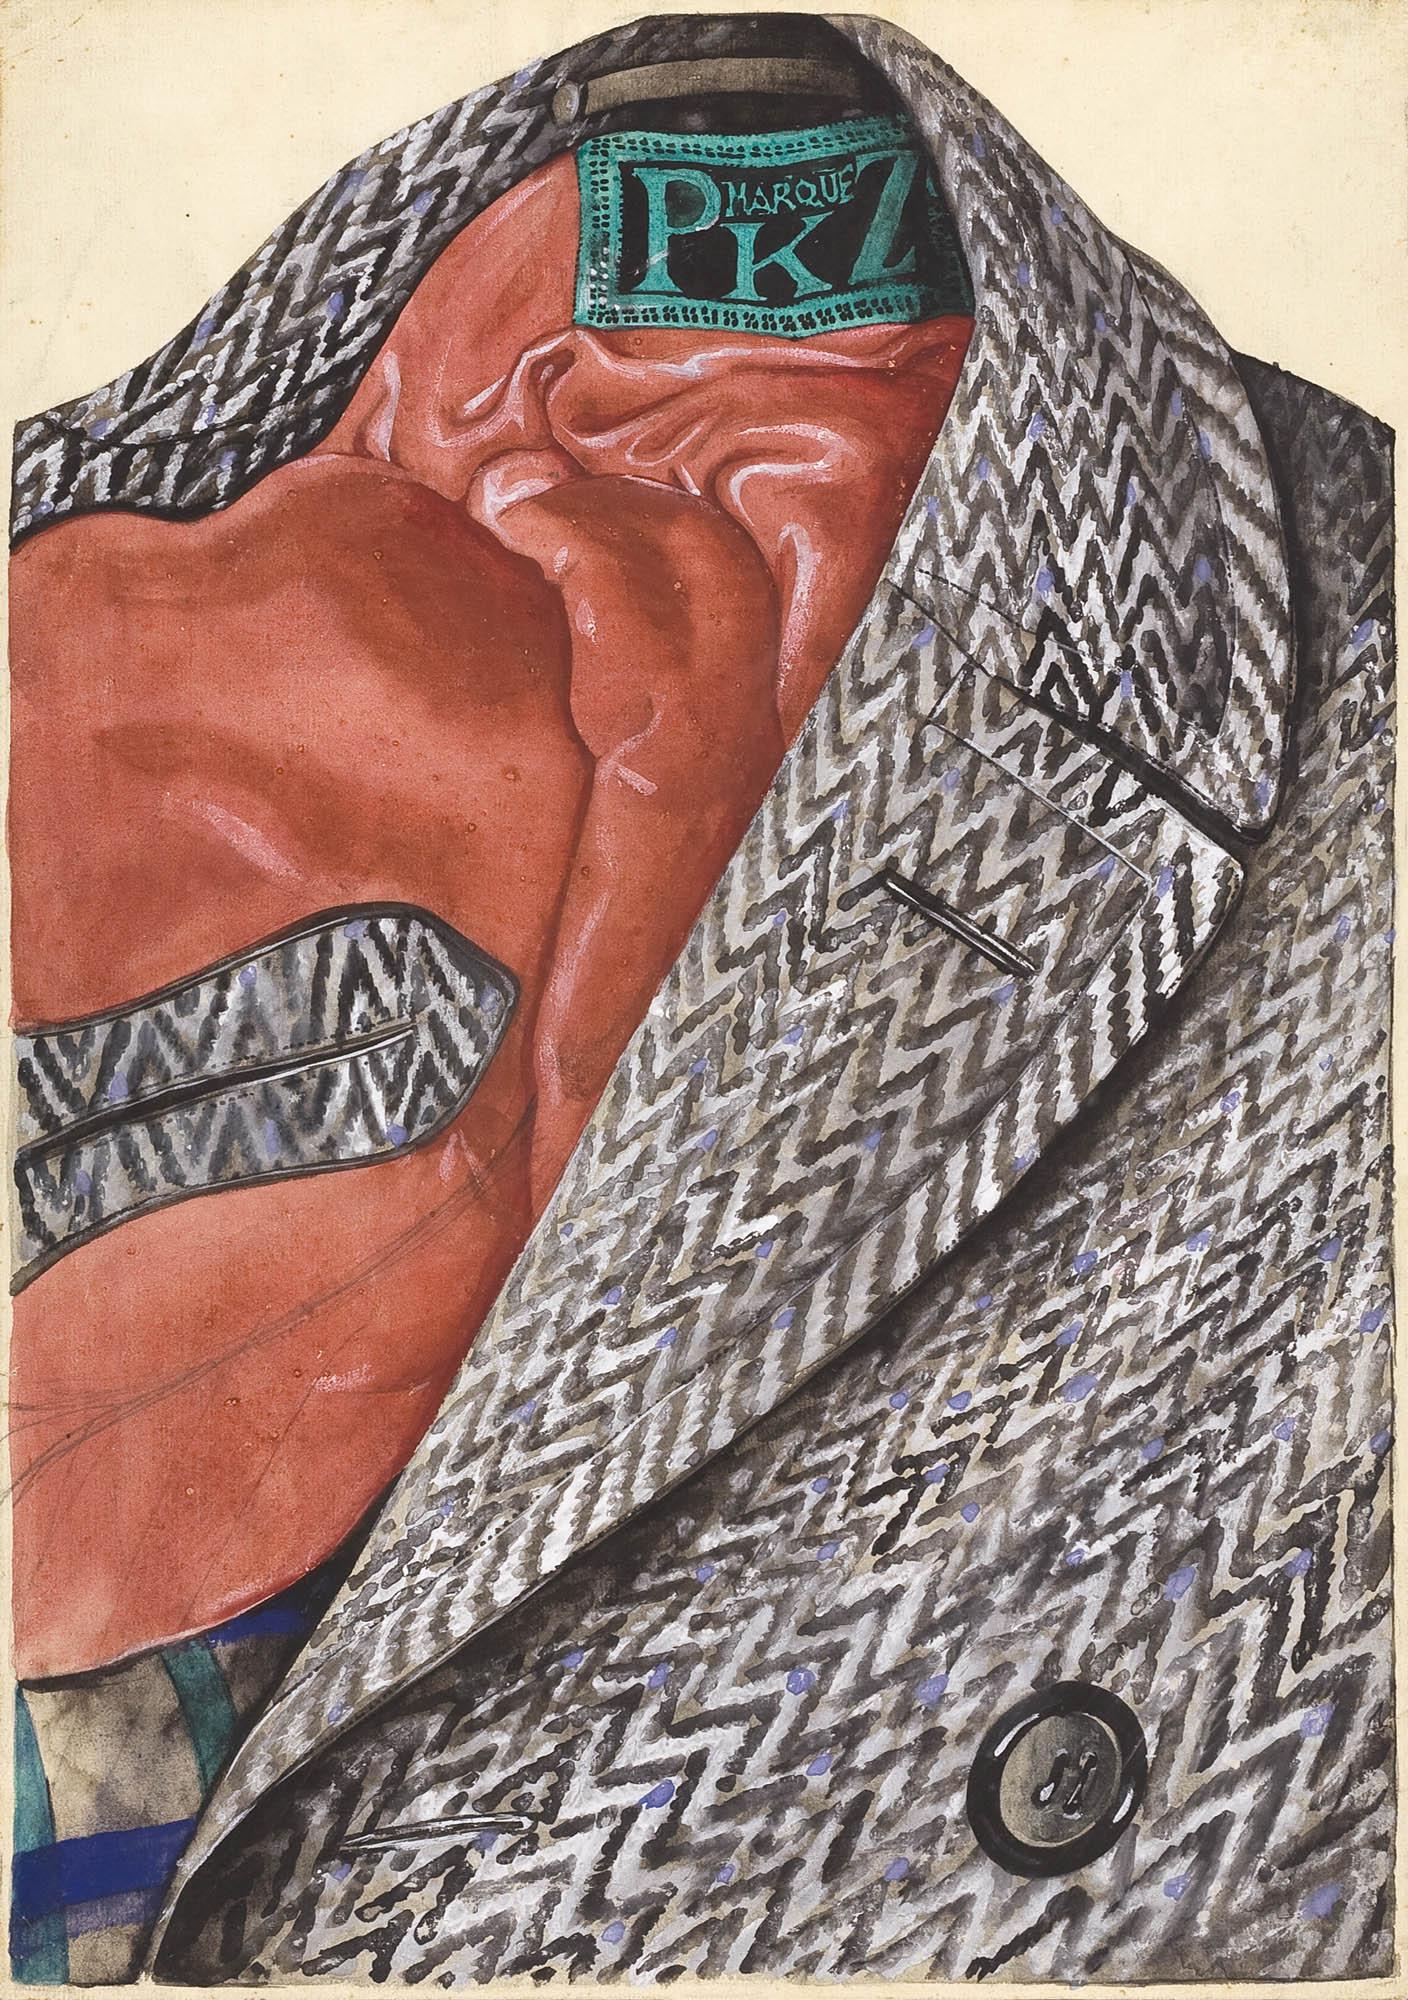 Marque PKZ Otto Baumberger Poster